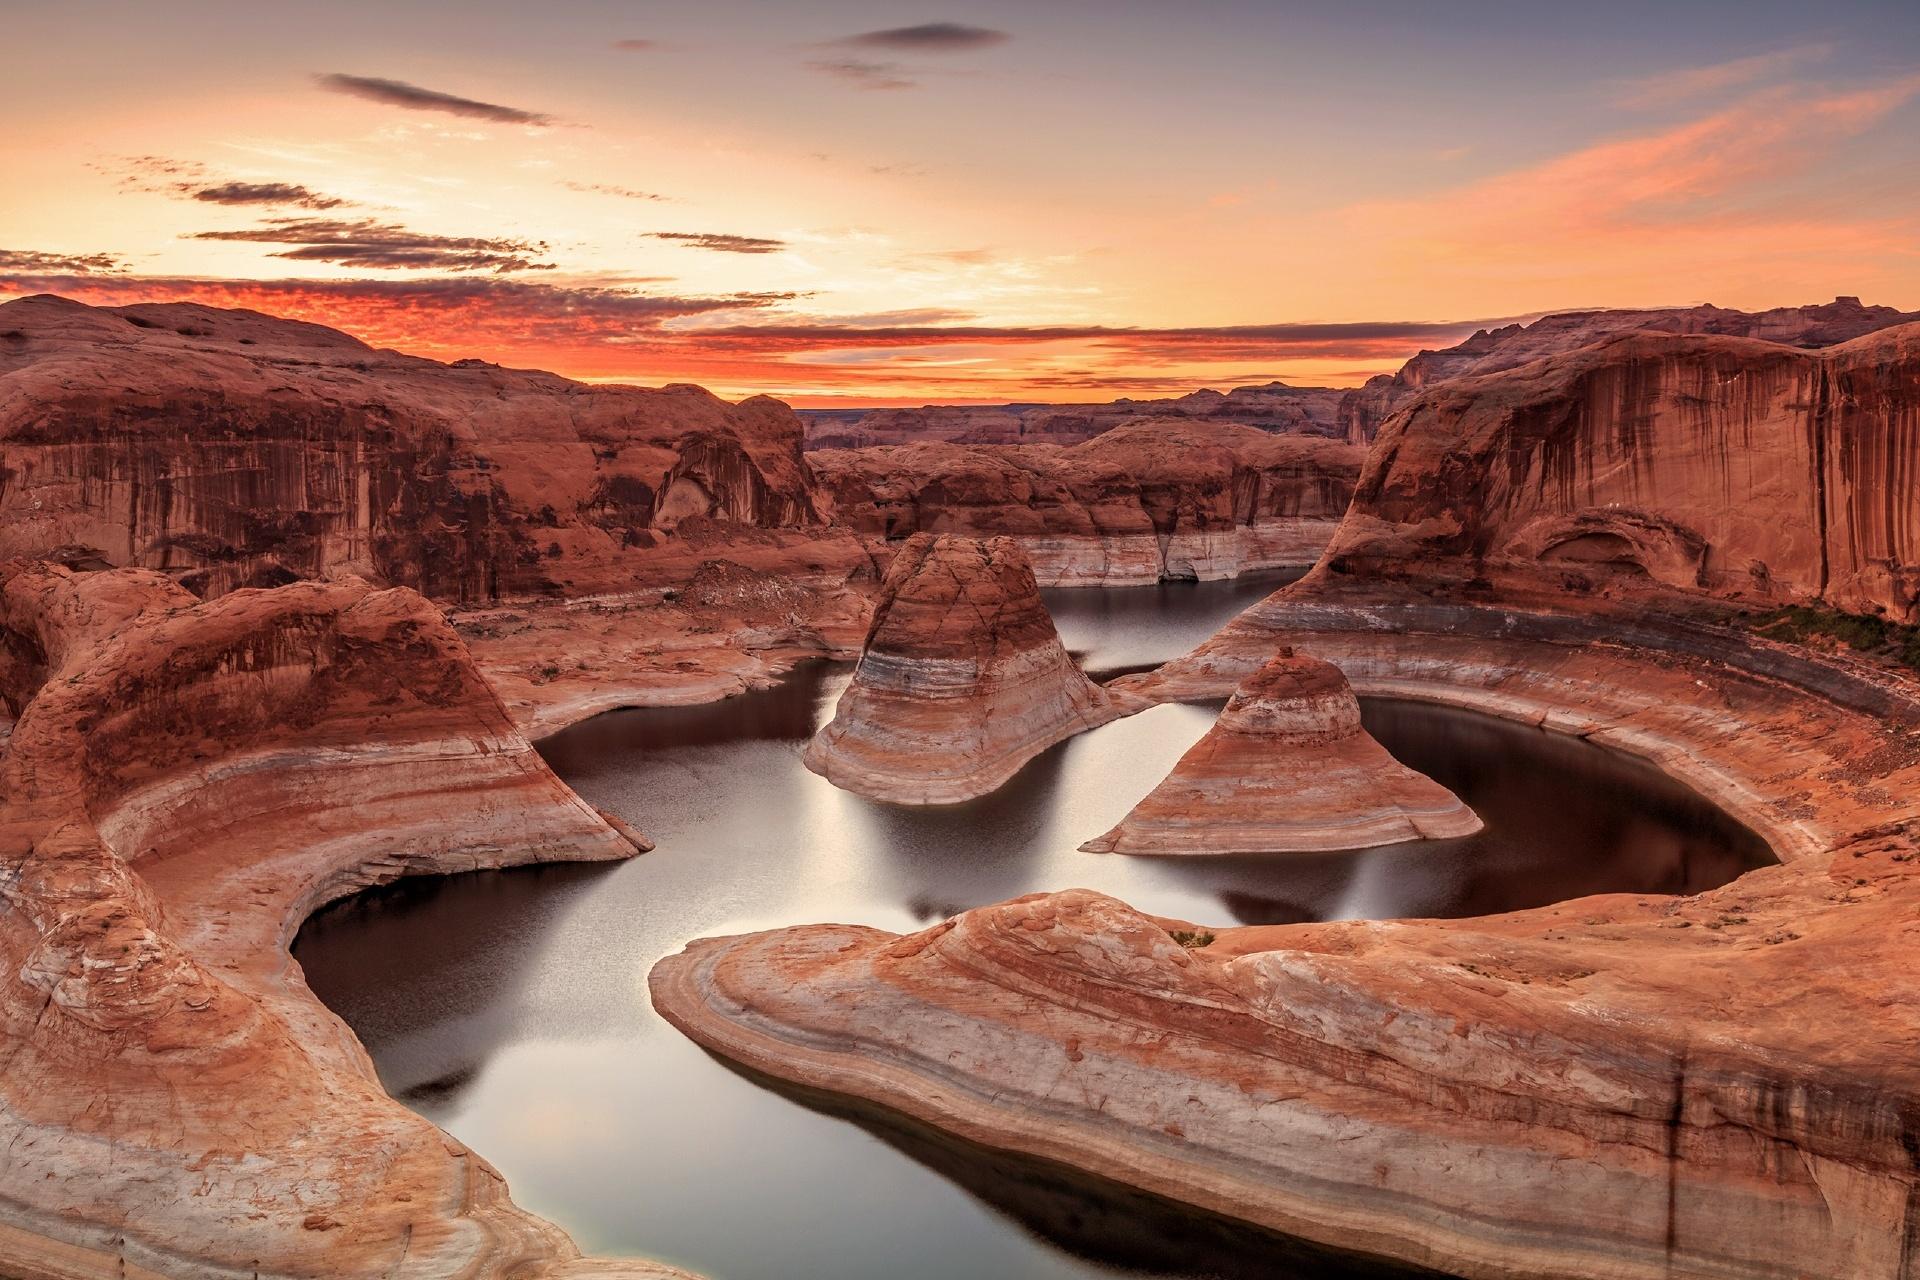 ユタ州 パウエル湖の朝焼け アメリカの風景